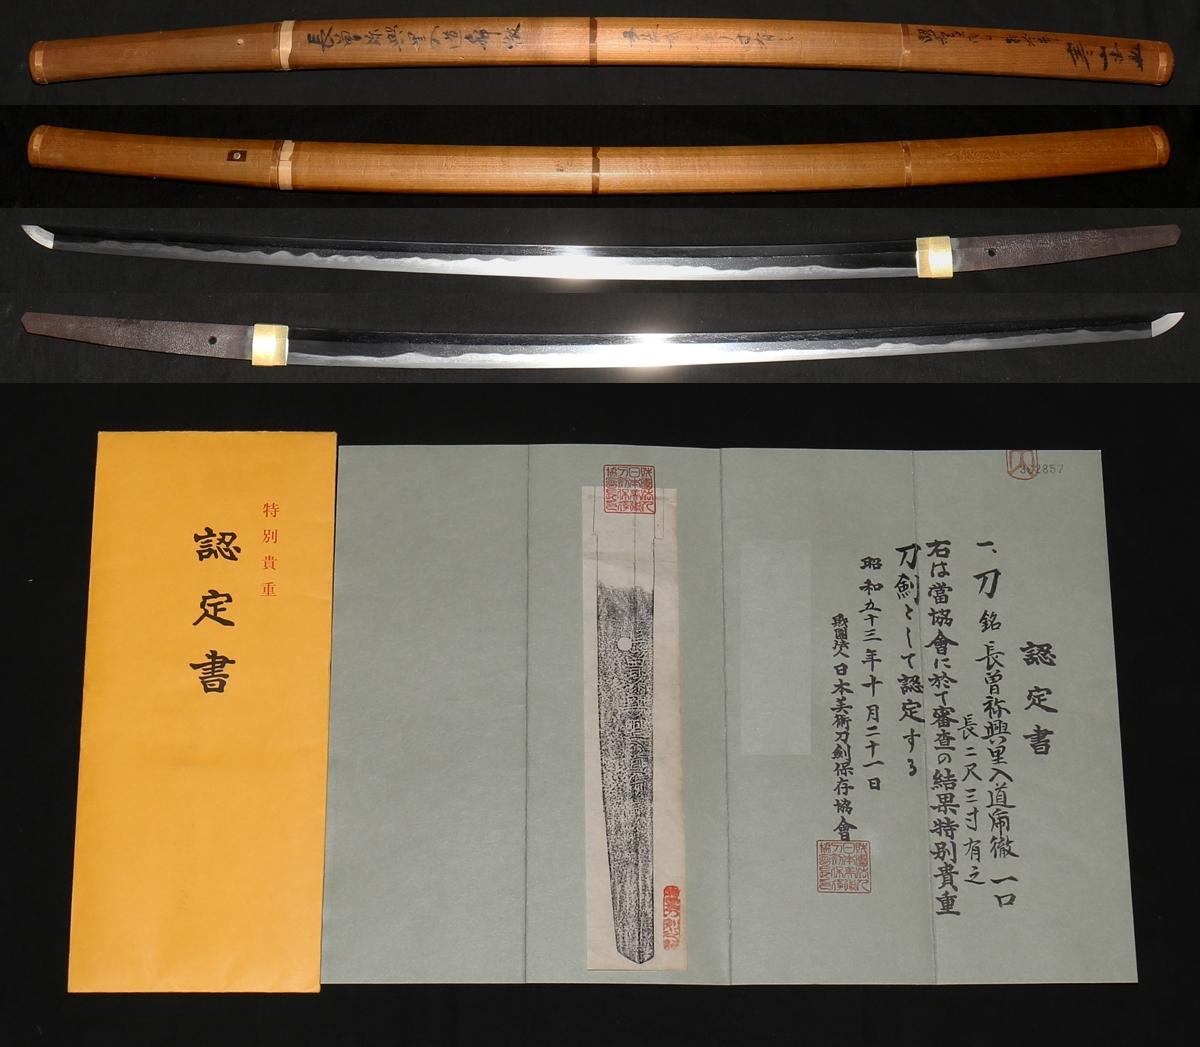 新刀最上作最上大業物『長曽祢興里入道乕徹』特別貴重刀剣 見事なる数珠刃圧巻の出来栄